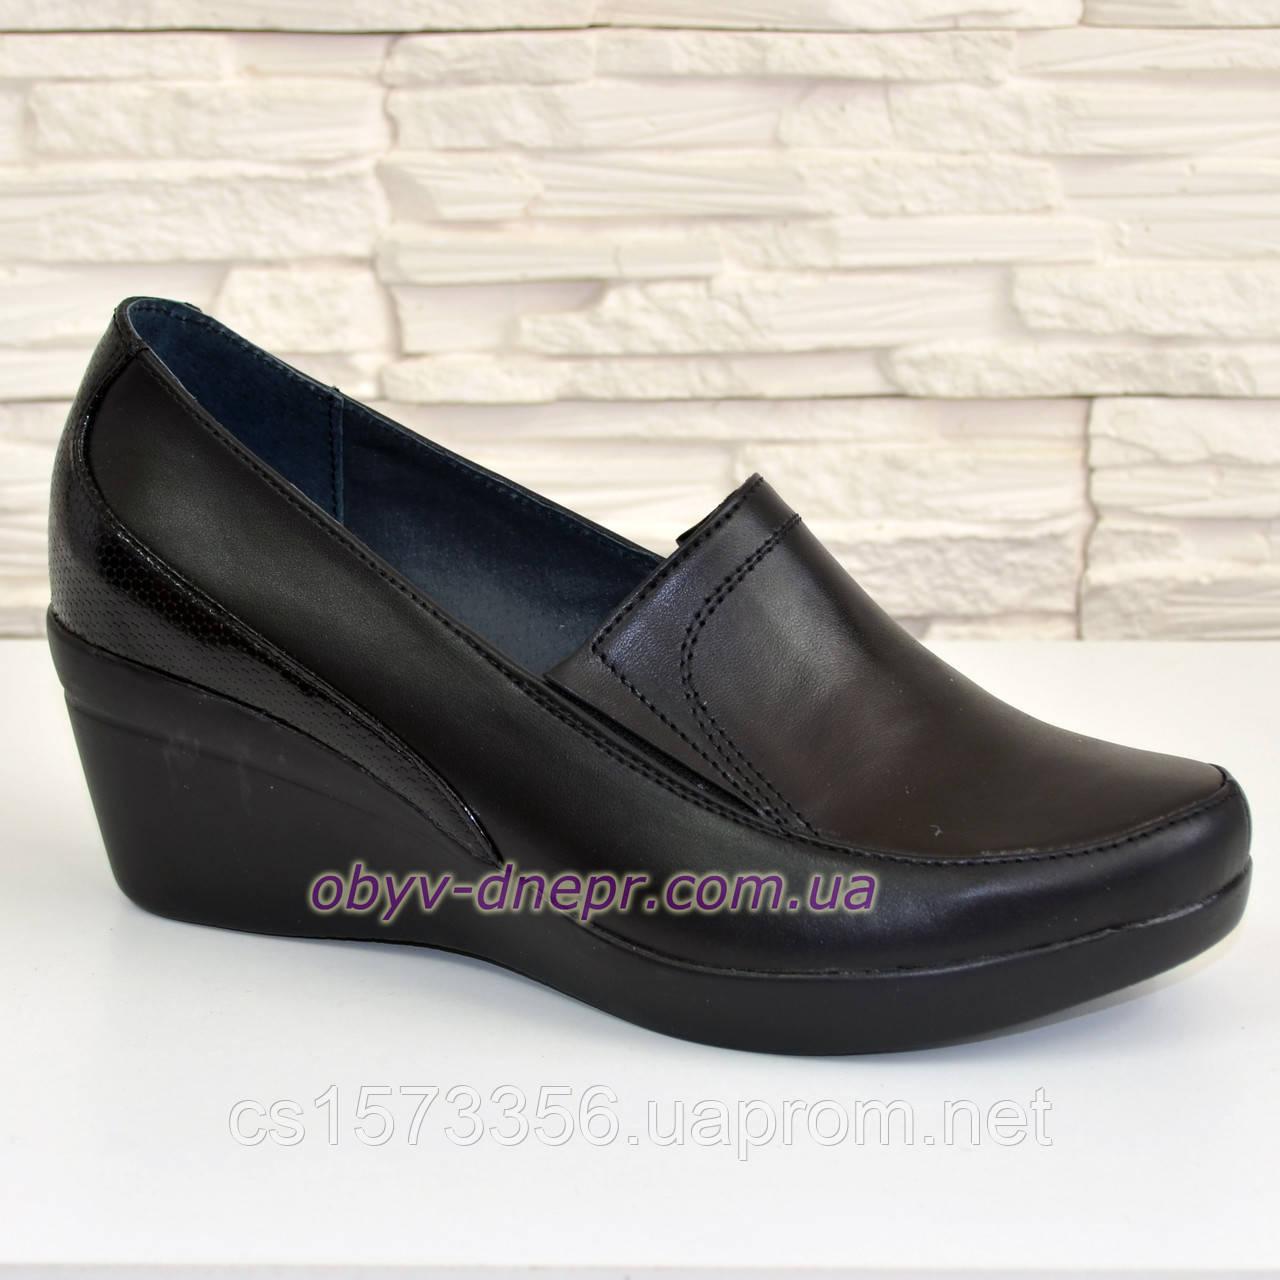 Туфли женские черные кожаные на невысокой танкетке. 37 размер